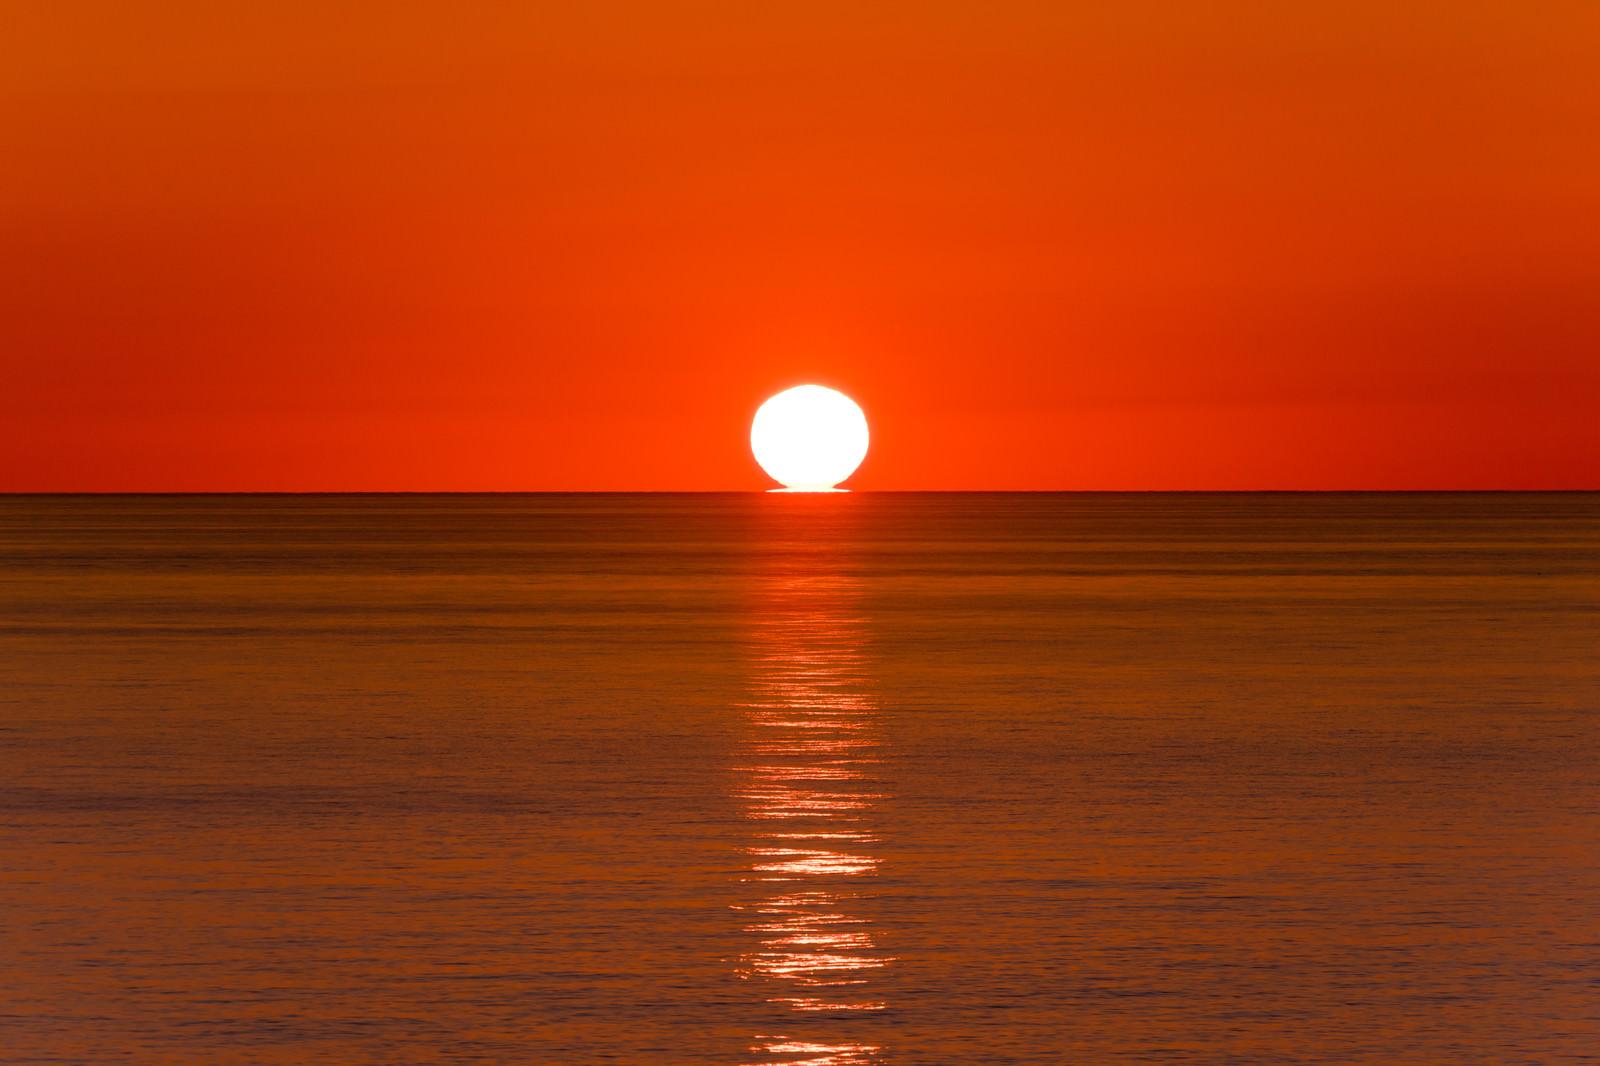 「入道崎に沈む夕陽とレイライン」の写真